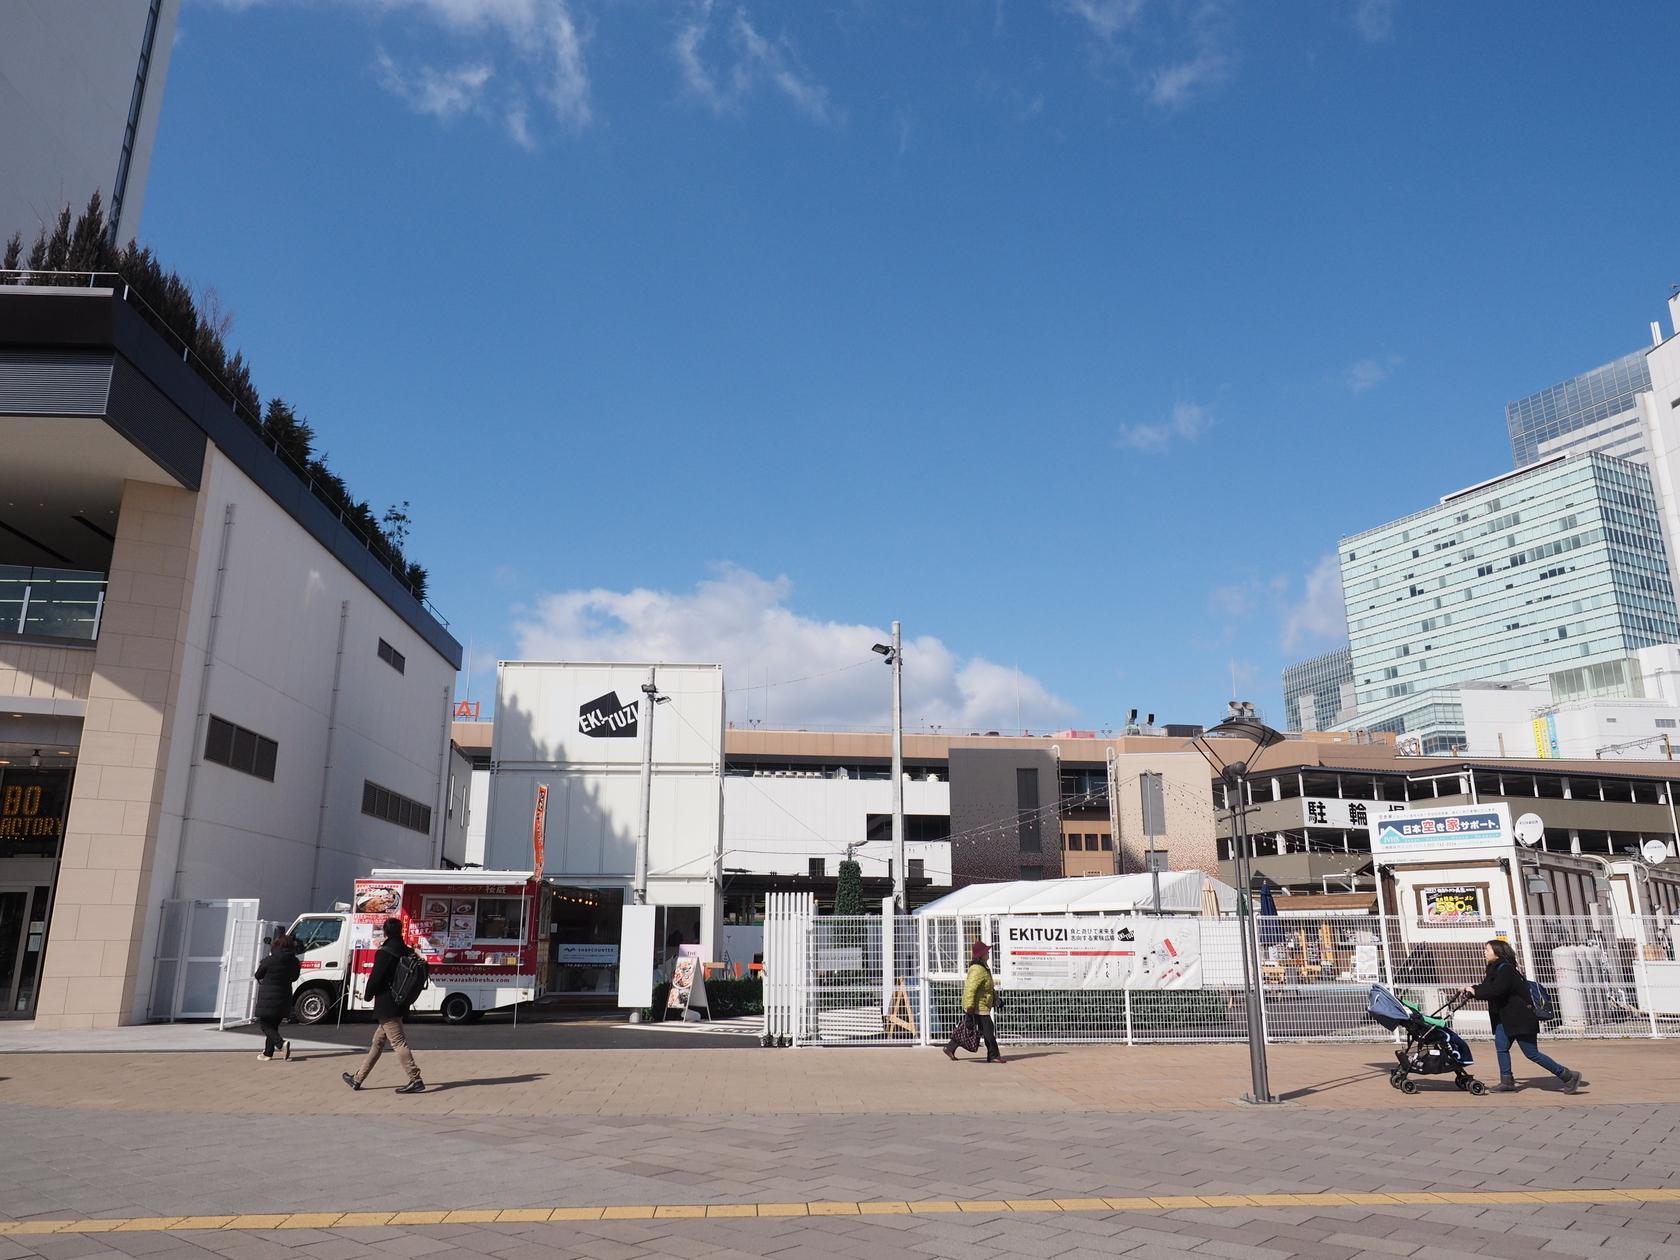 【4月~10月】【EKITUZI】仙台駅徒歩0分 Wi-fi/電源/ウッドデッキつき お洒落な屋内イベントスペース の写真